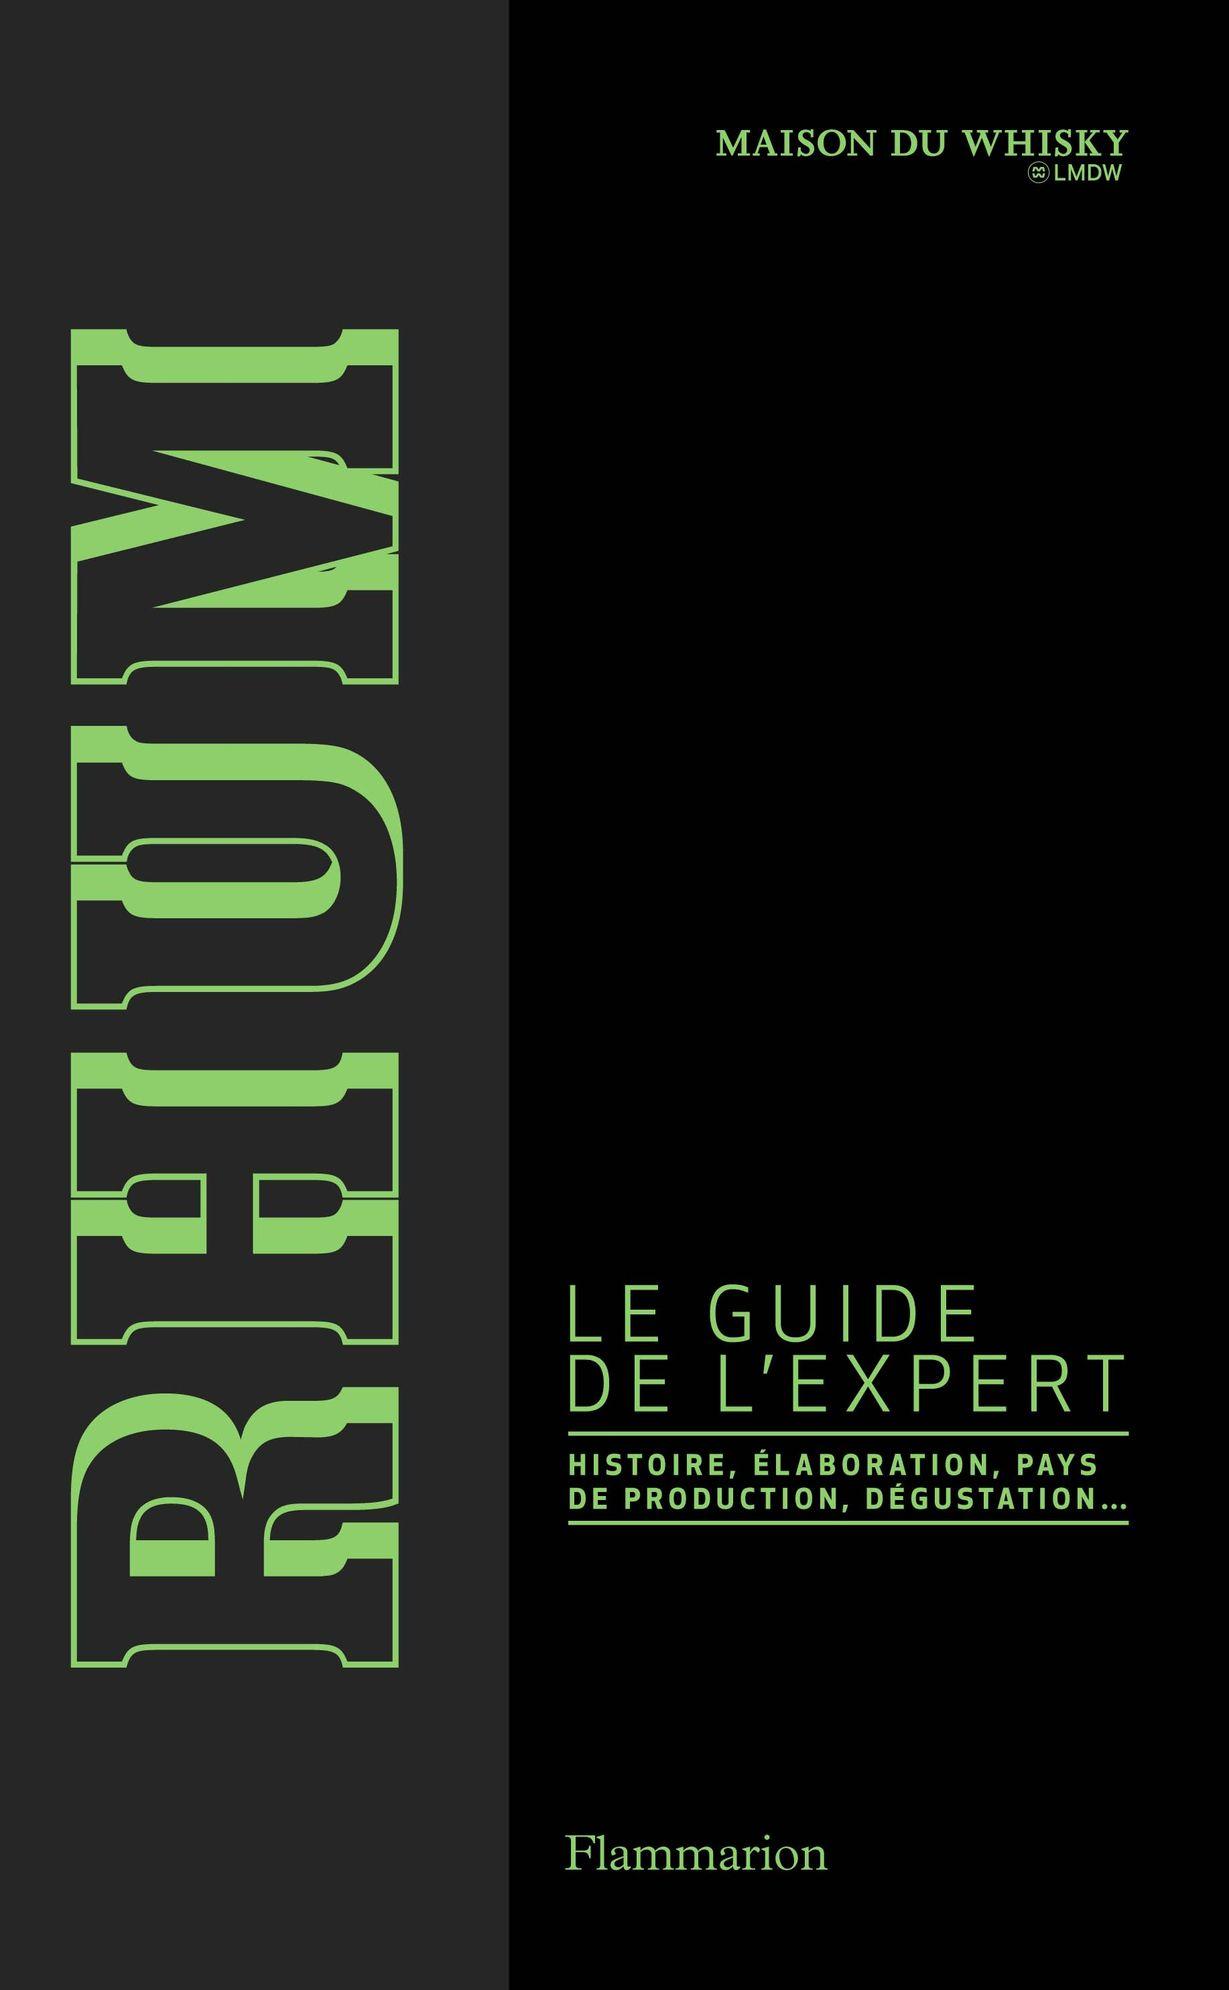 Rhum. Le guide de l'expert